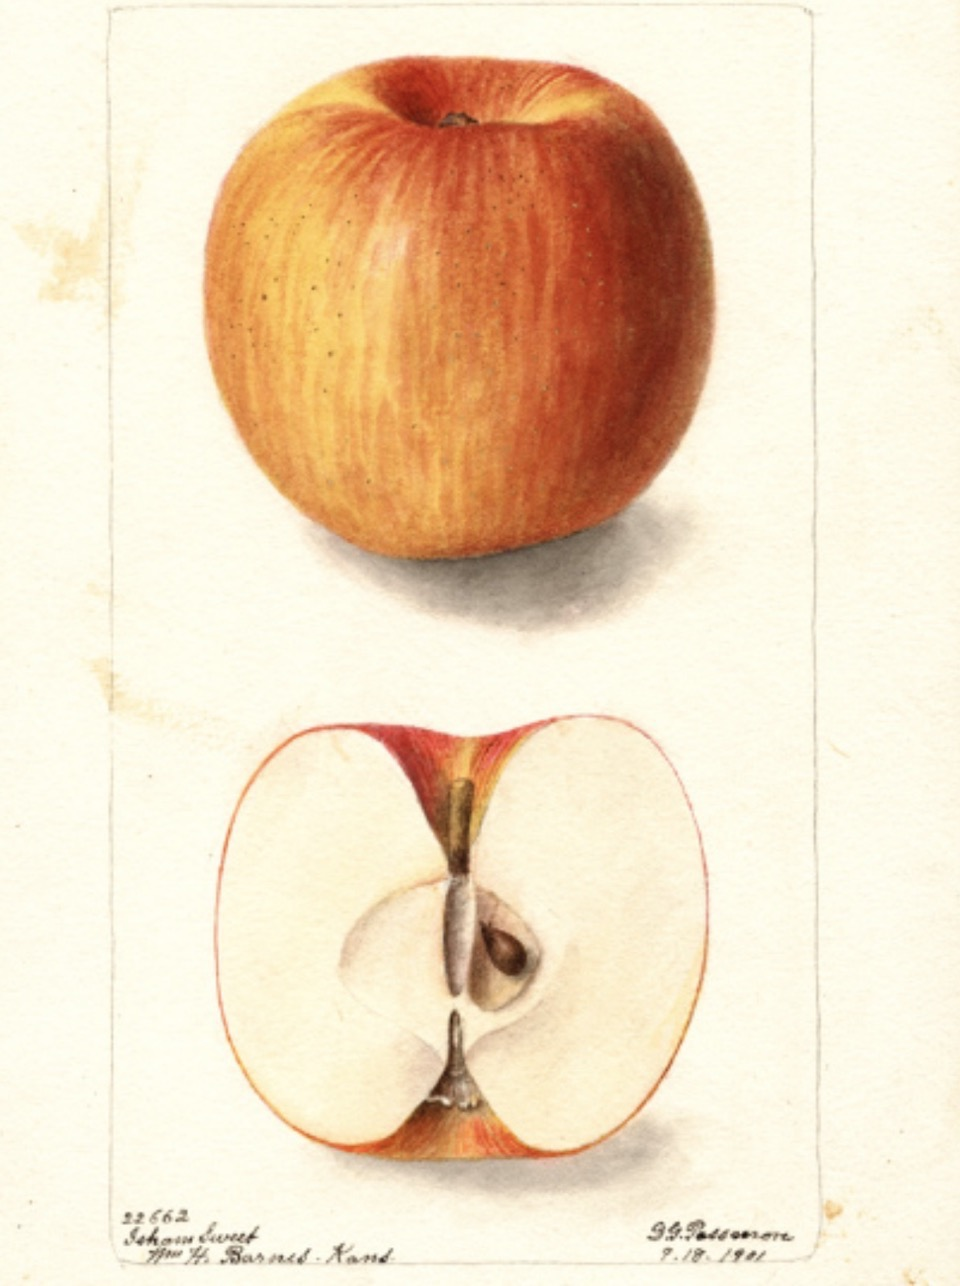 Historische Abbildung eines gelb-roten und eines aufgeschnittenen Apfels; USDA